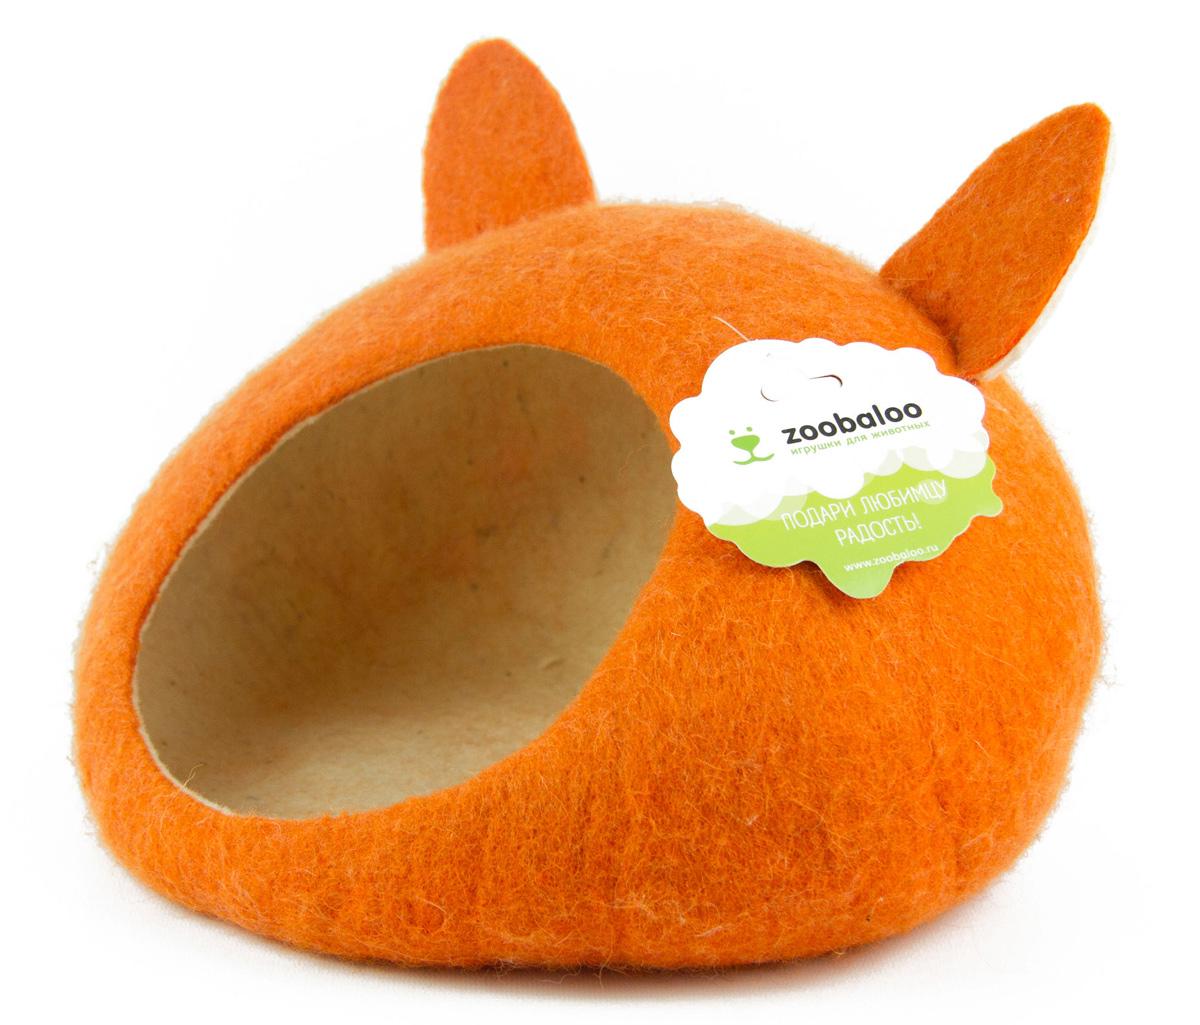 Домик-слипер для животных Zoobaloo WoolPetHouse, с ушками, цвет: оранжевый, размер M0120710Домик-слипер Zoobaloo WoolPetHouse предназначен для отдыха и сна питомца. Домик изготовлен из 100% шерсти мериноса. Учтены все особенности животного сна: форма, цвет, материал этого домика - все подобрано как нельзя лучше! В нем ваш любимец будет видеть только цветные сны. Шерсть мериноса обеспечит превосходный микроклимат внутри домика, а его форма позволит питомцу засыпать в самой естественной позе.